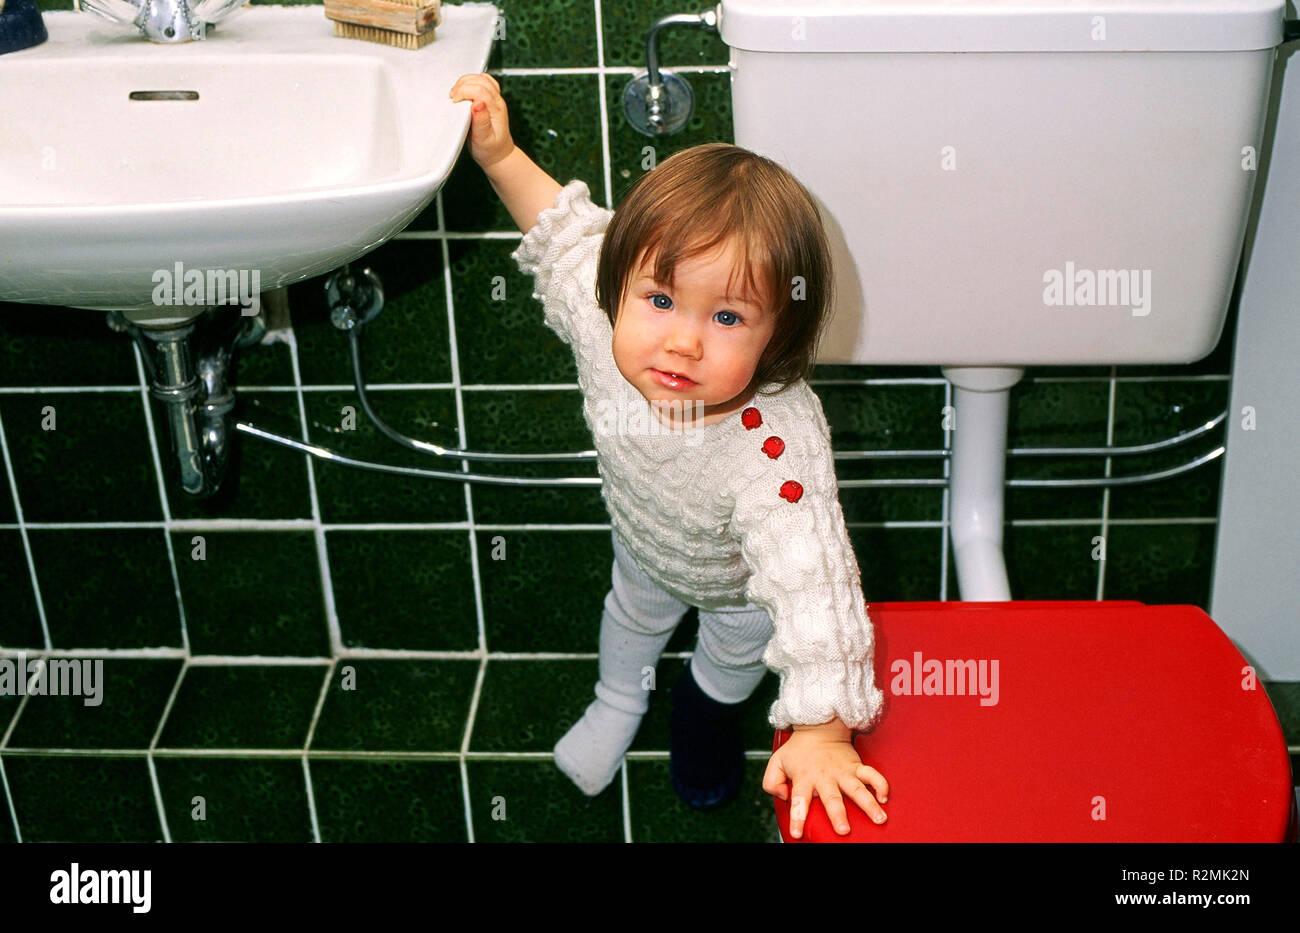 Serie, Kind, Kindheit, Entwicklung, Erzeugung, Zukunft Stockbild